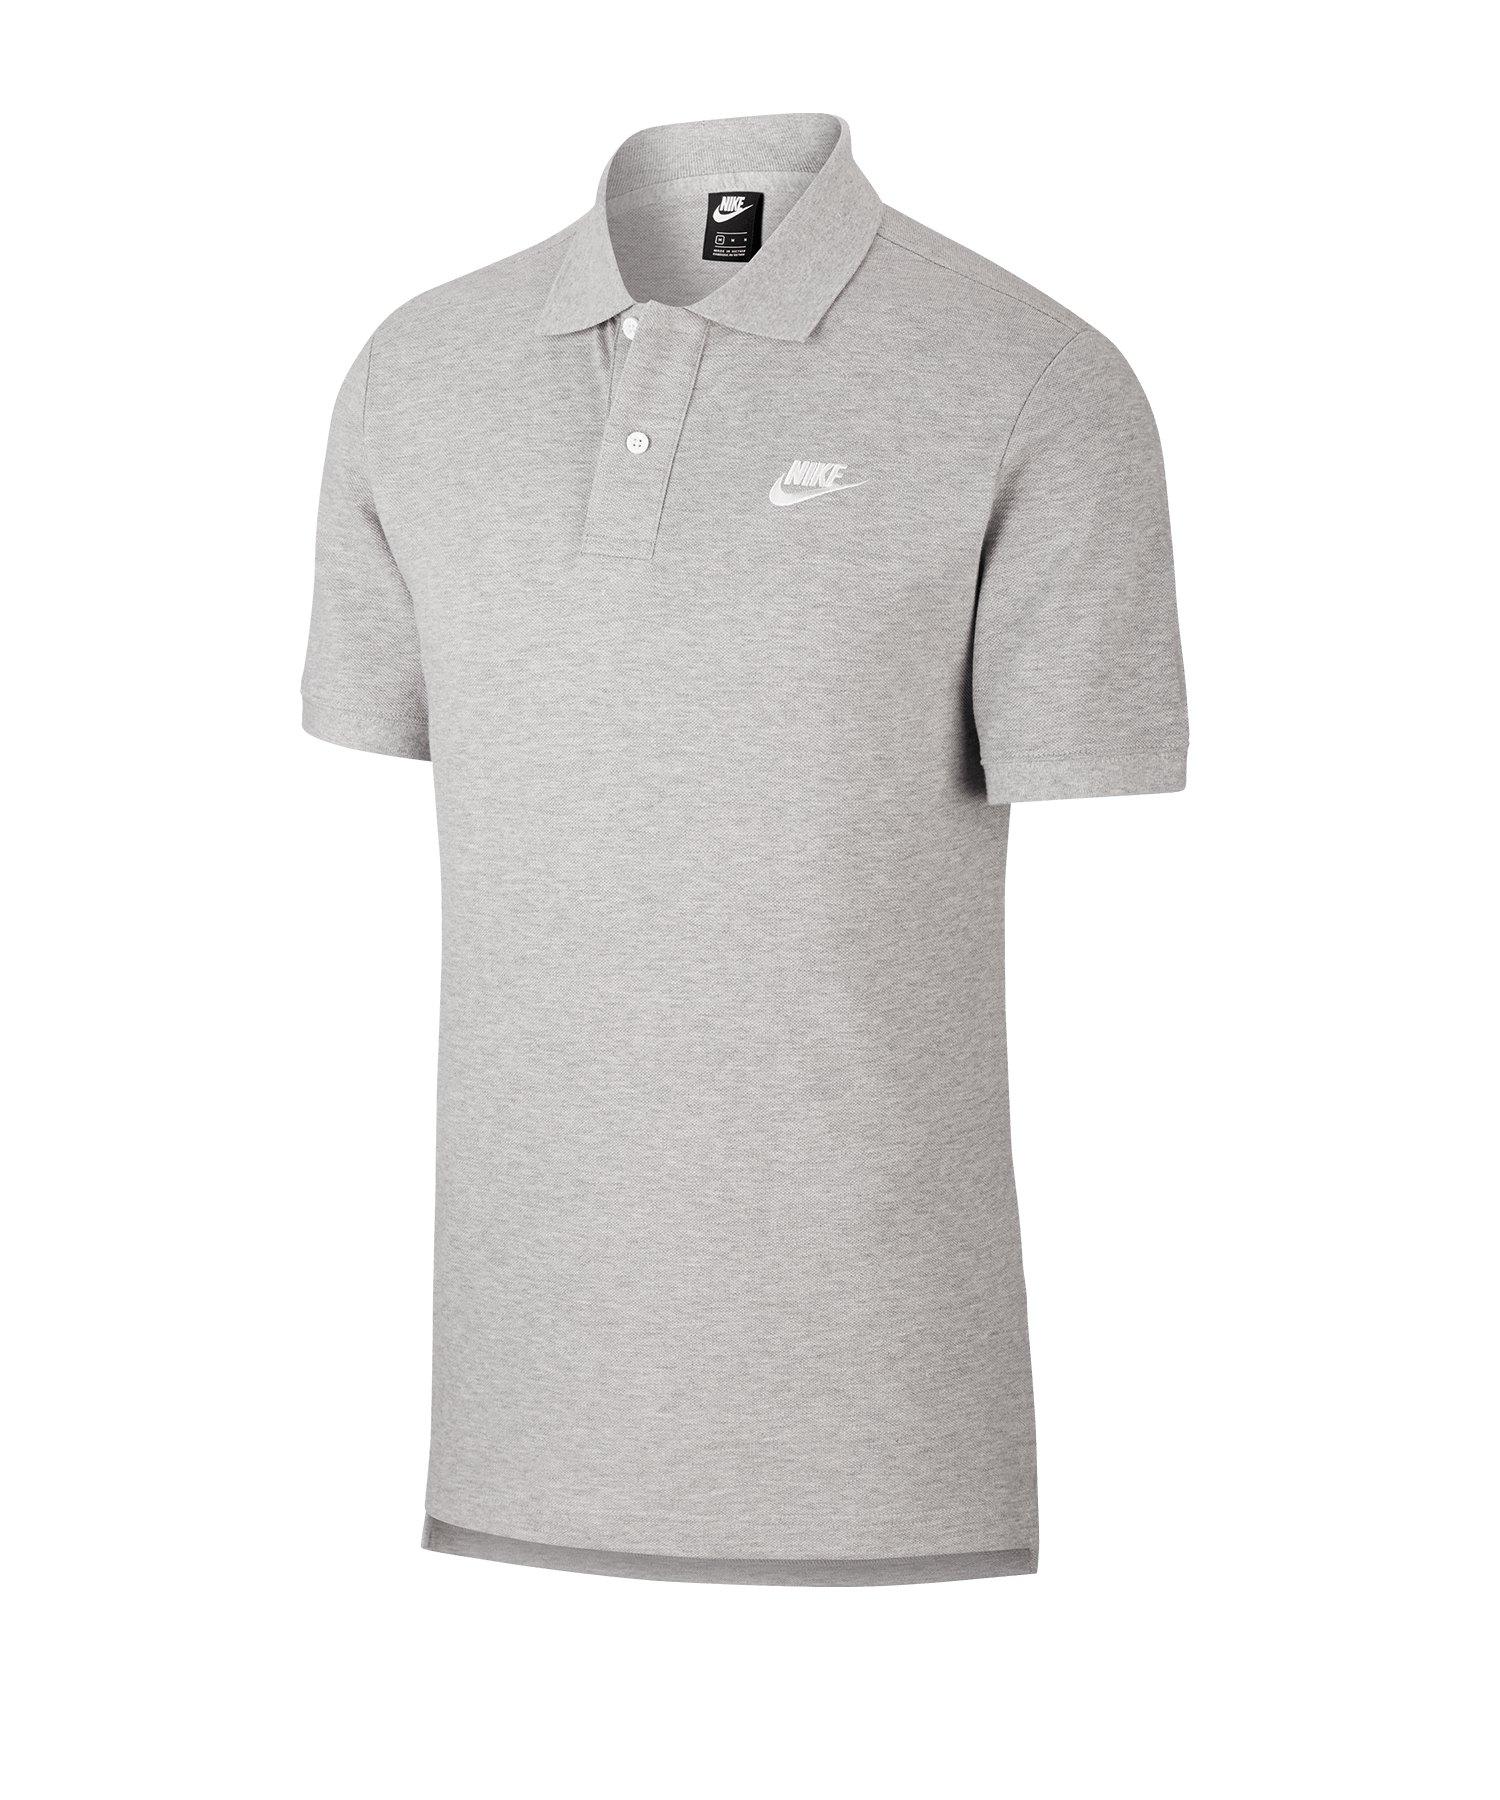 Nike Poloshirt Grau F063 - grau